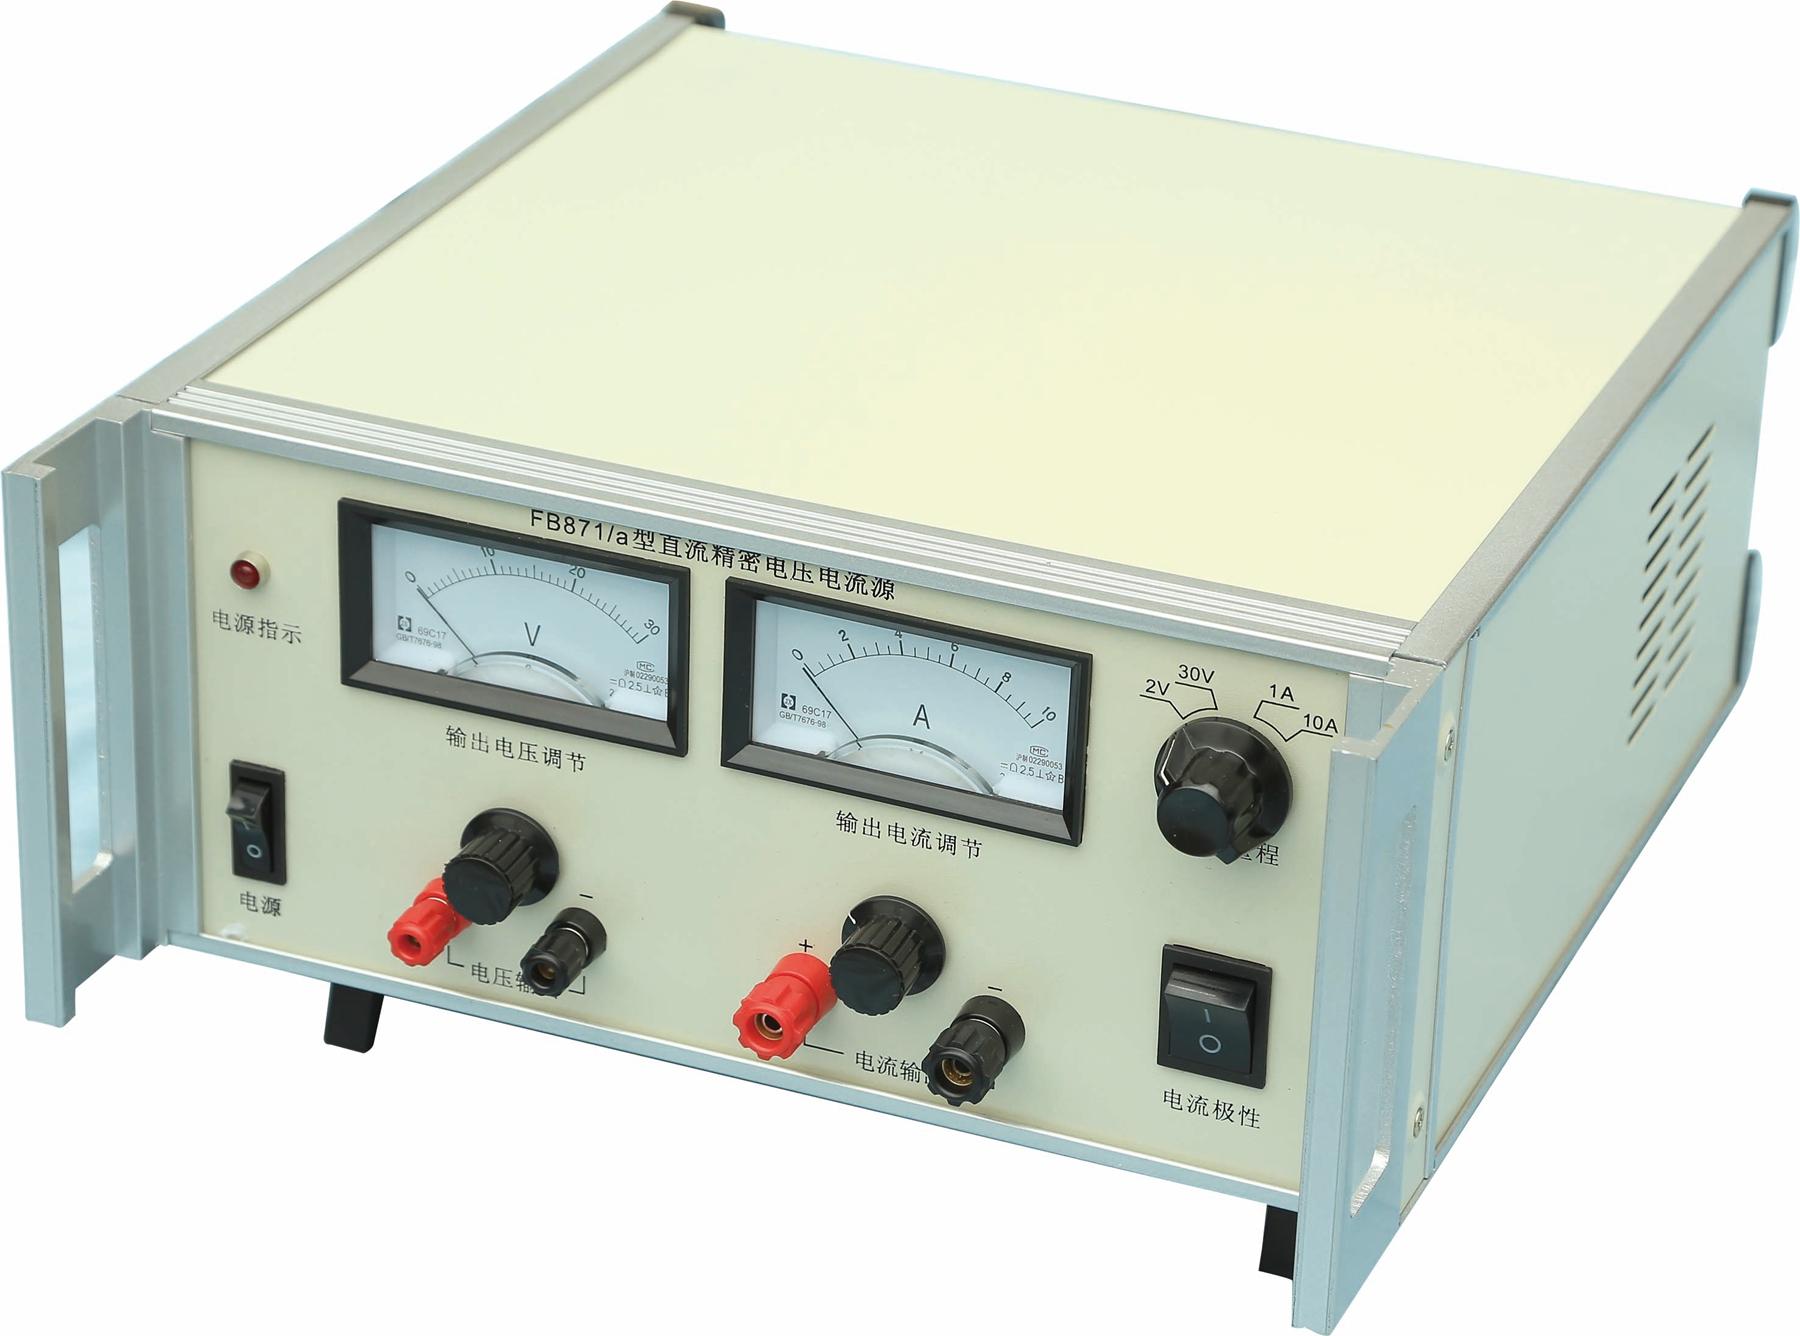 FB871/a型直流精密电源(电桥专用)